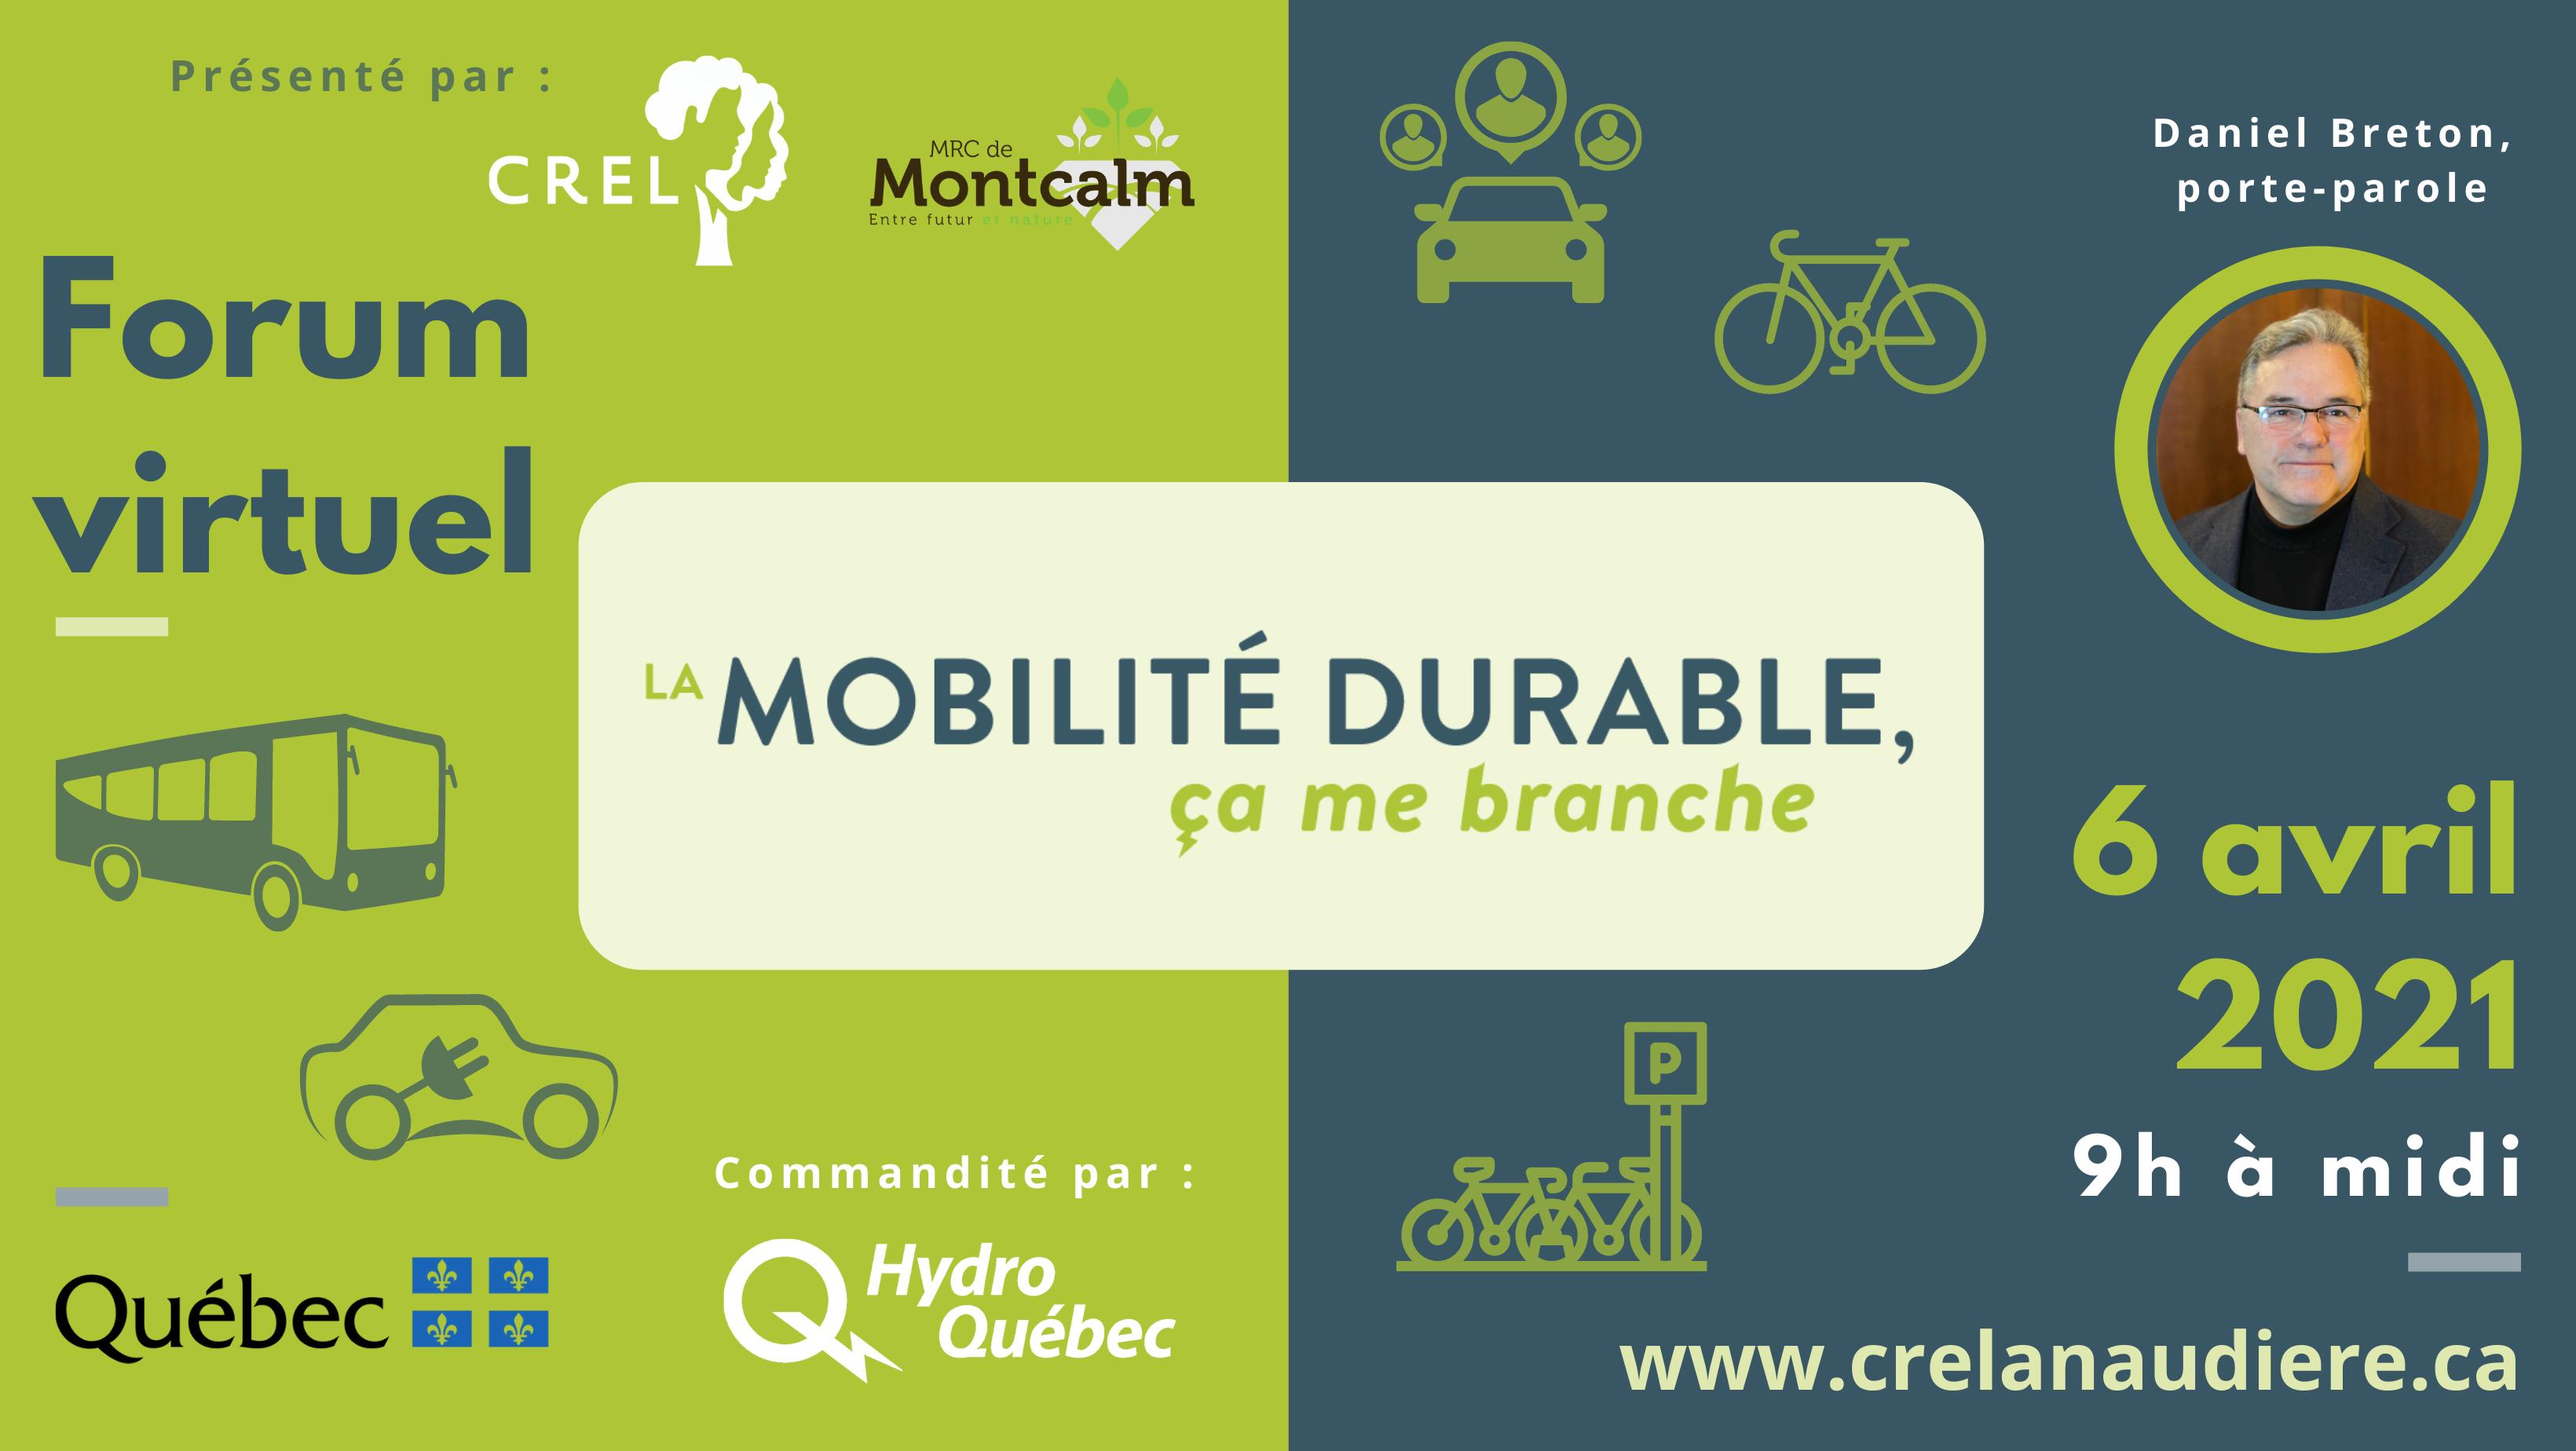 Forum virtuel - La mobilité durable, ça me branche - 6 avril 2021